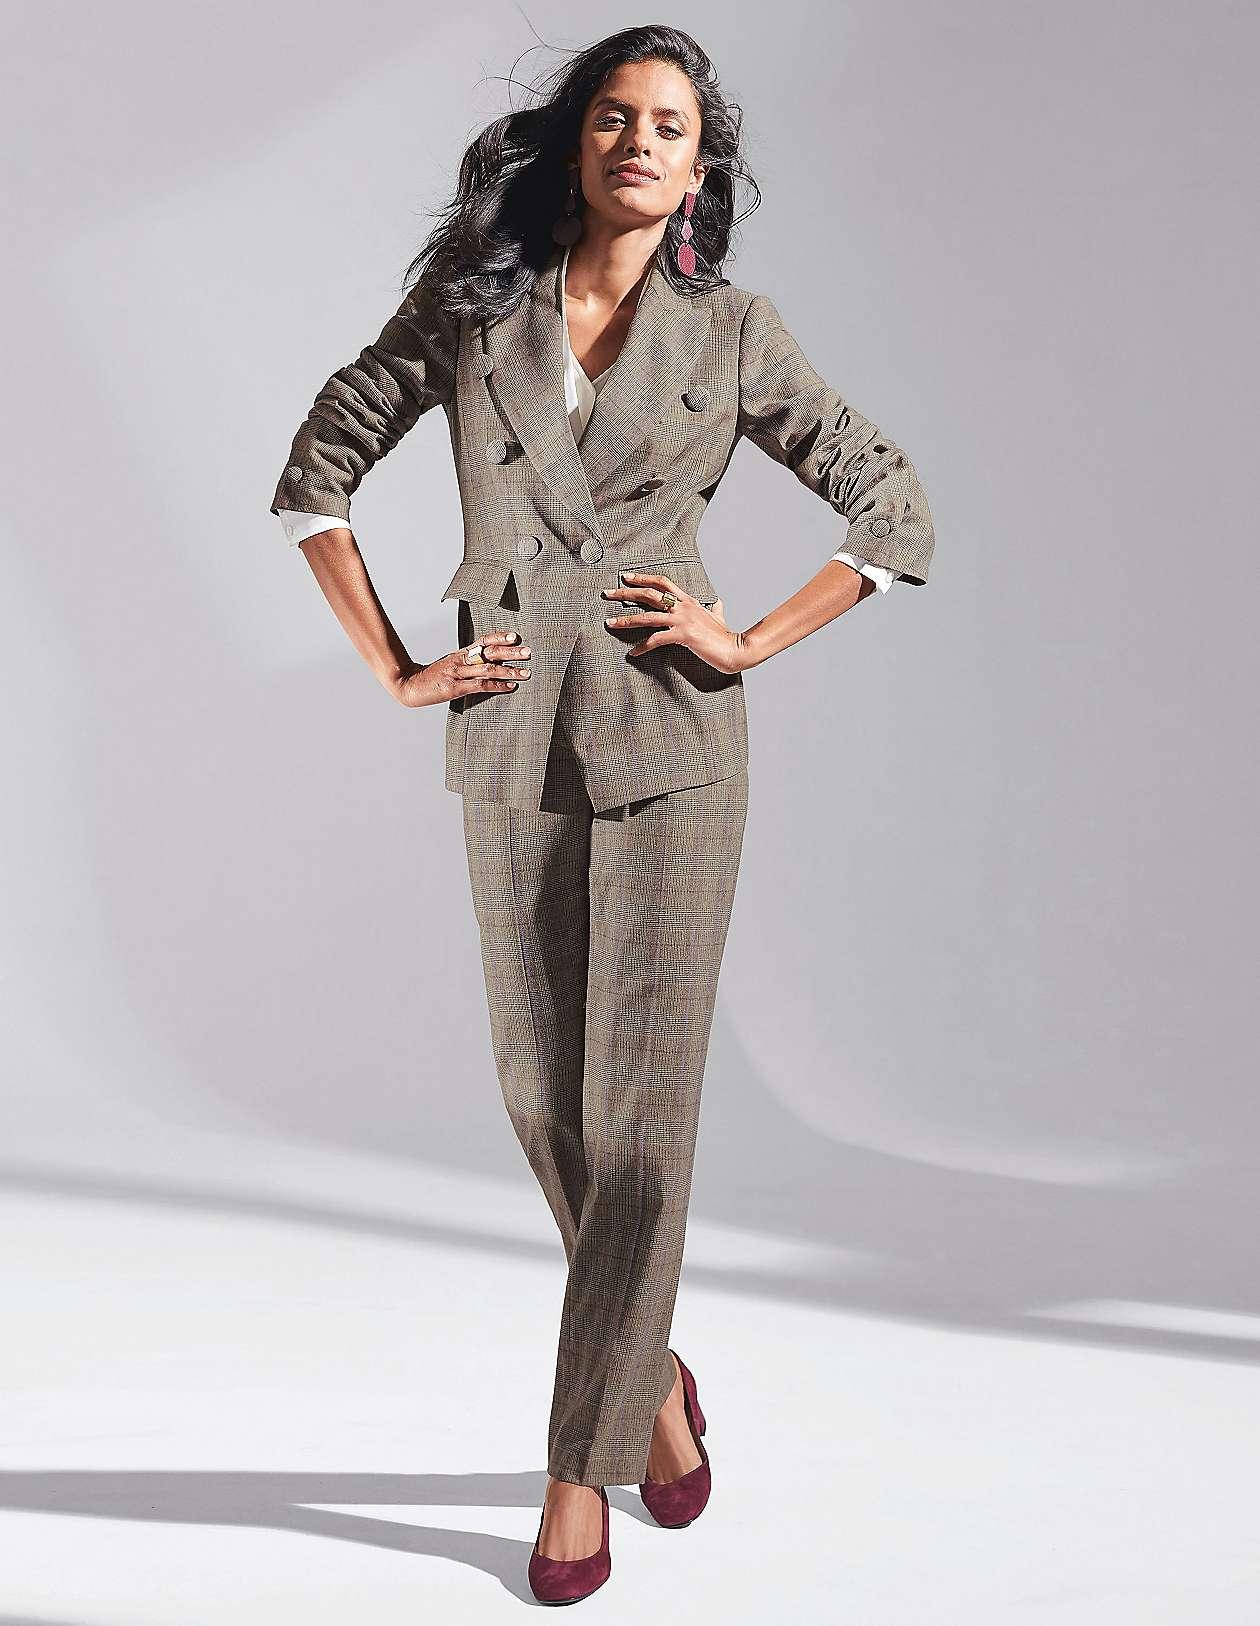 a0d6f40c7e5917 Hosenanzug für Damen, elegant und festlich online bestellen | MADELEINE Mode